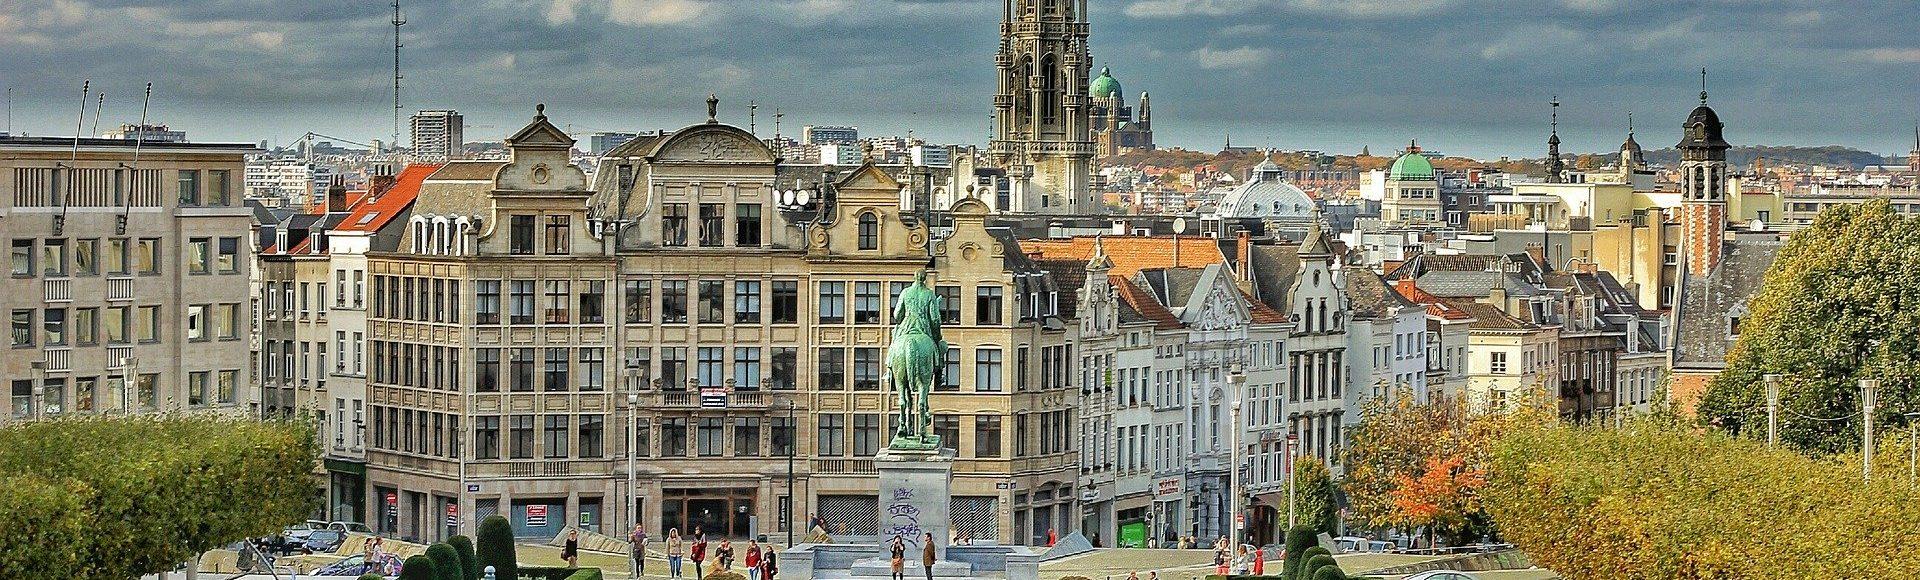 Top 5 destinos europeos para viajes de fin de curso